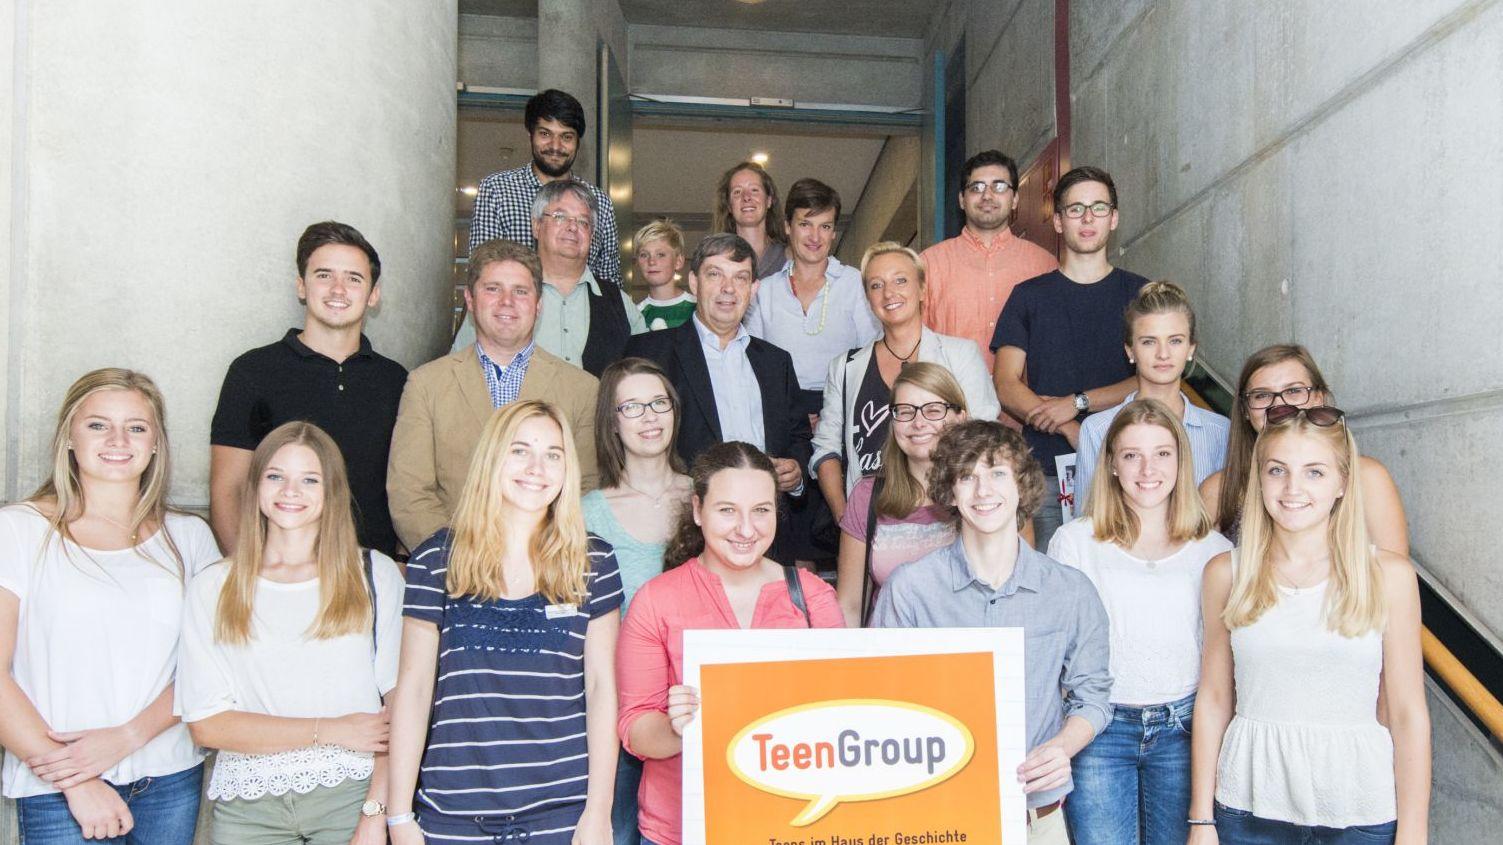 Die TeenGroup mit Stiftungspräsidenten Prof. Dr. Hans Walter Hütter bei der 10-Jahres-Feier